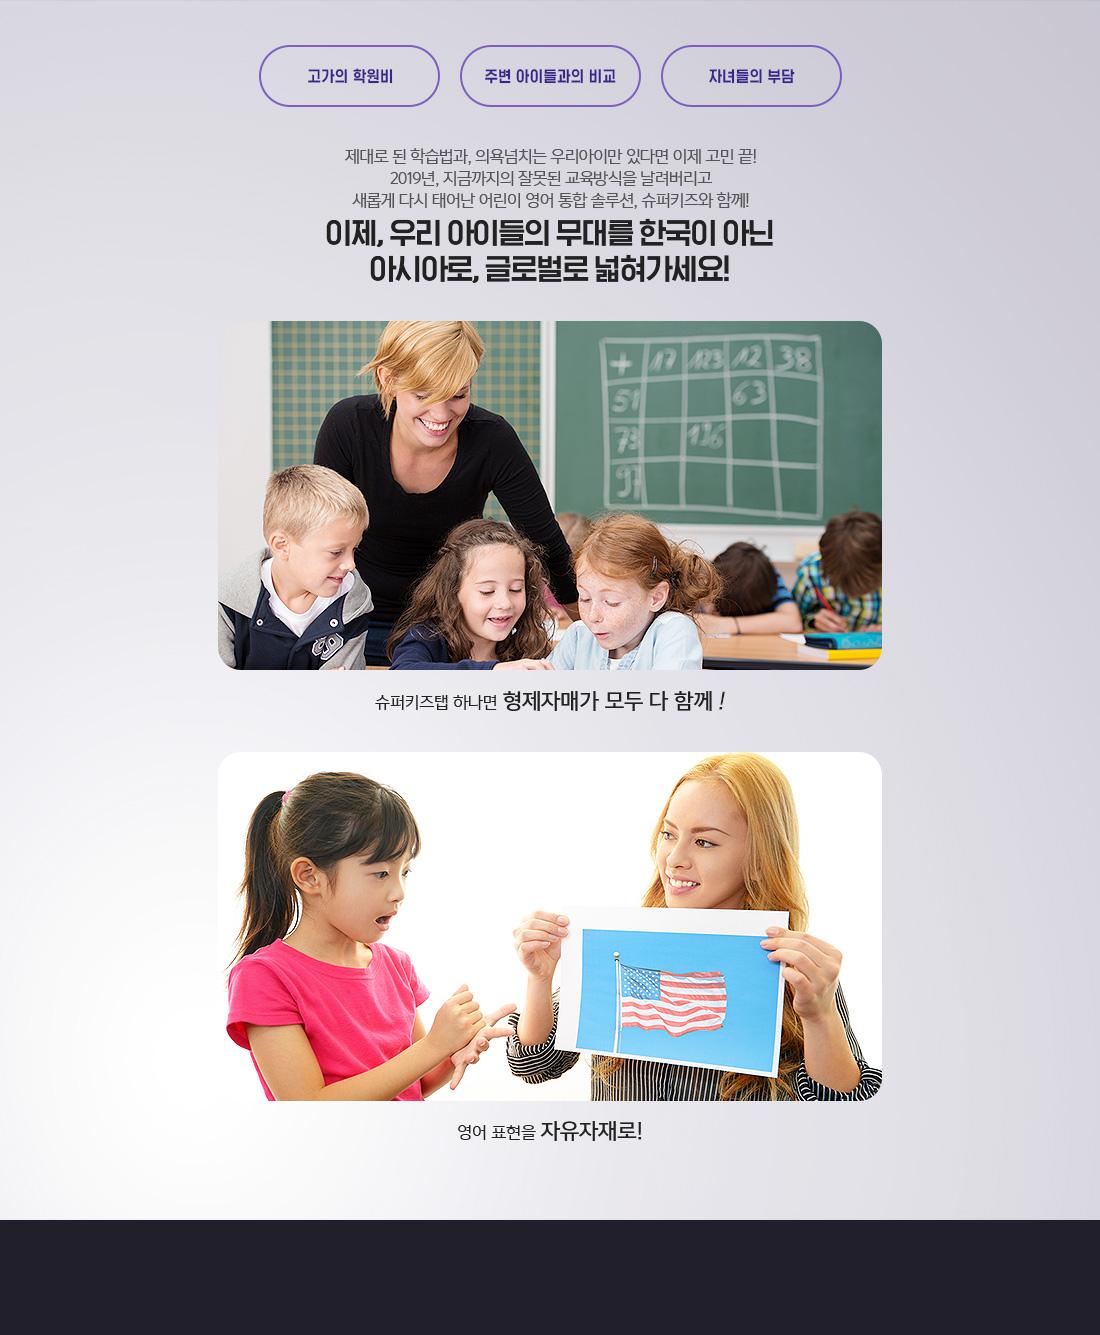 이제, 우리아이들의 무대를 한국이 아닌 아시아로, 글로벌로 넓혀가세요!